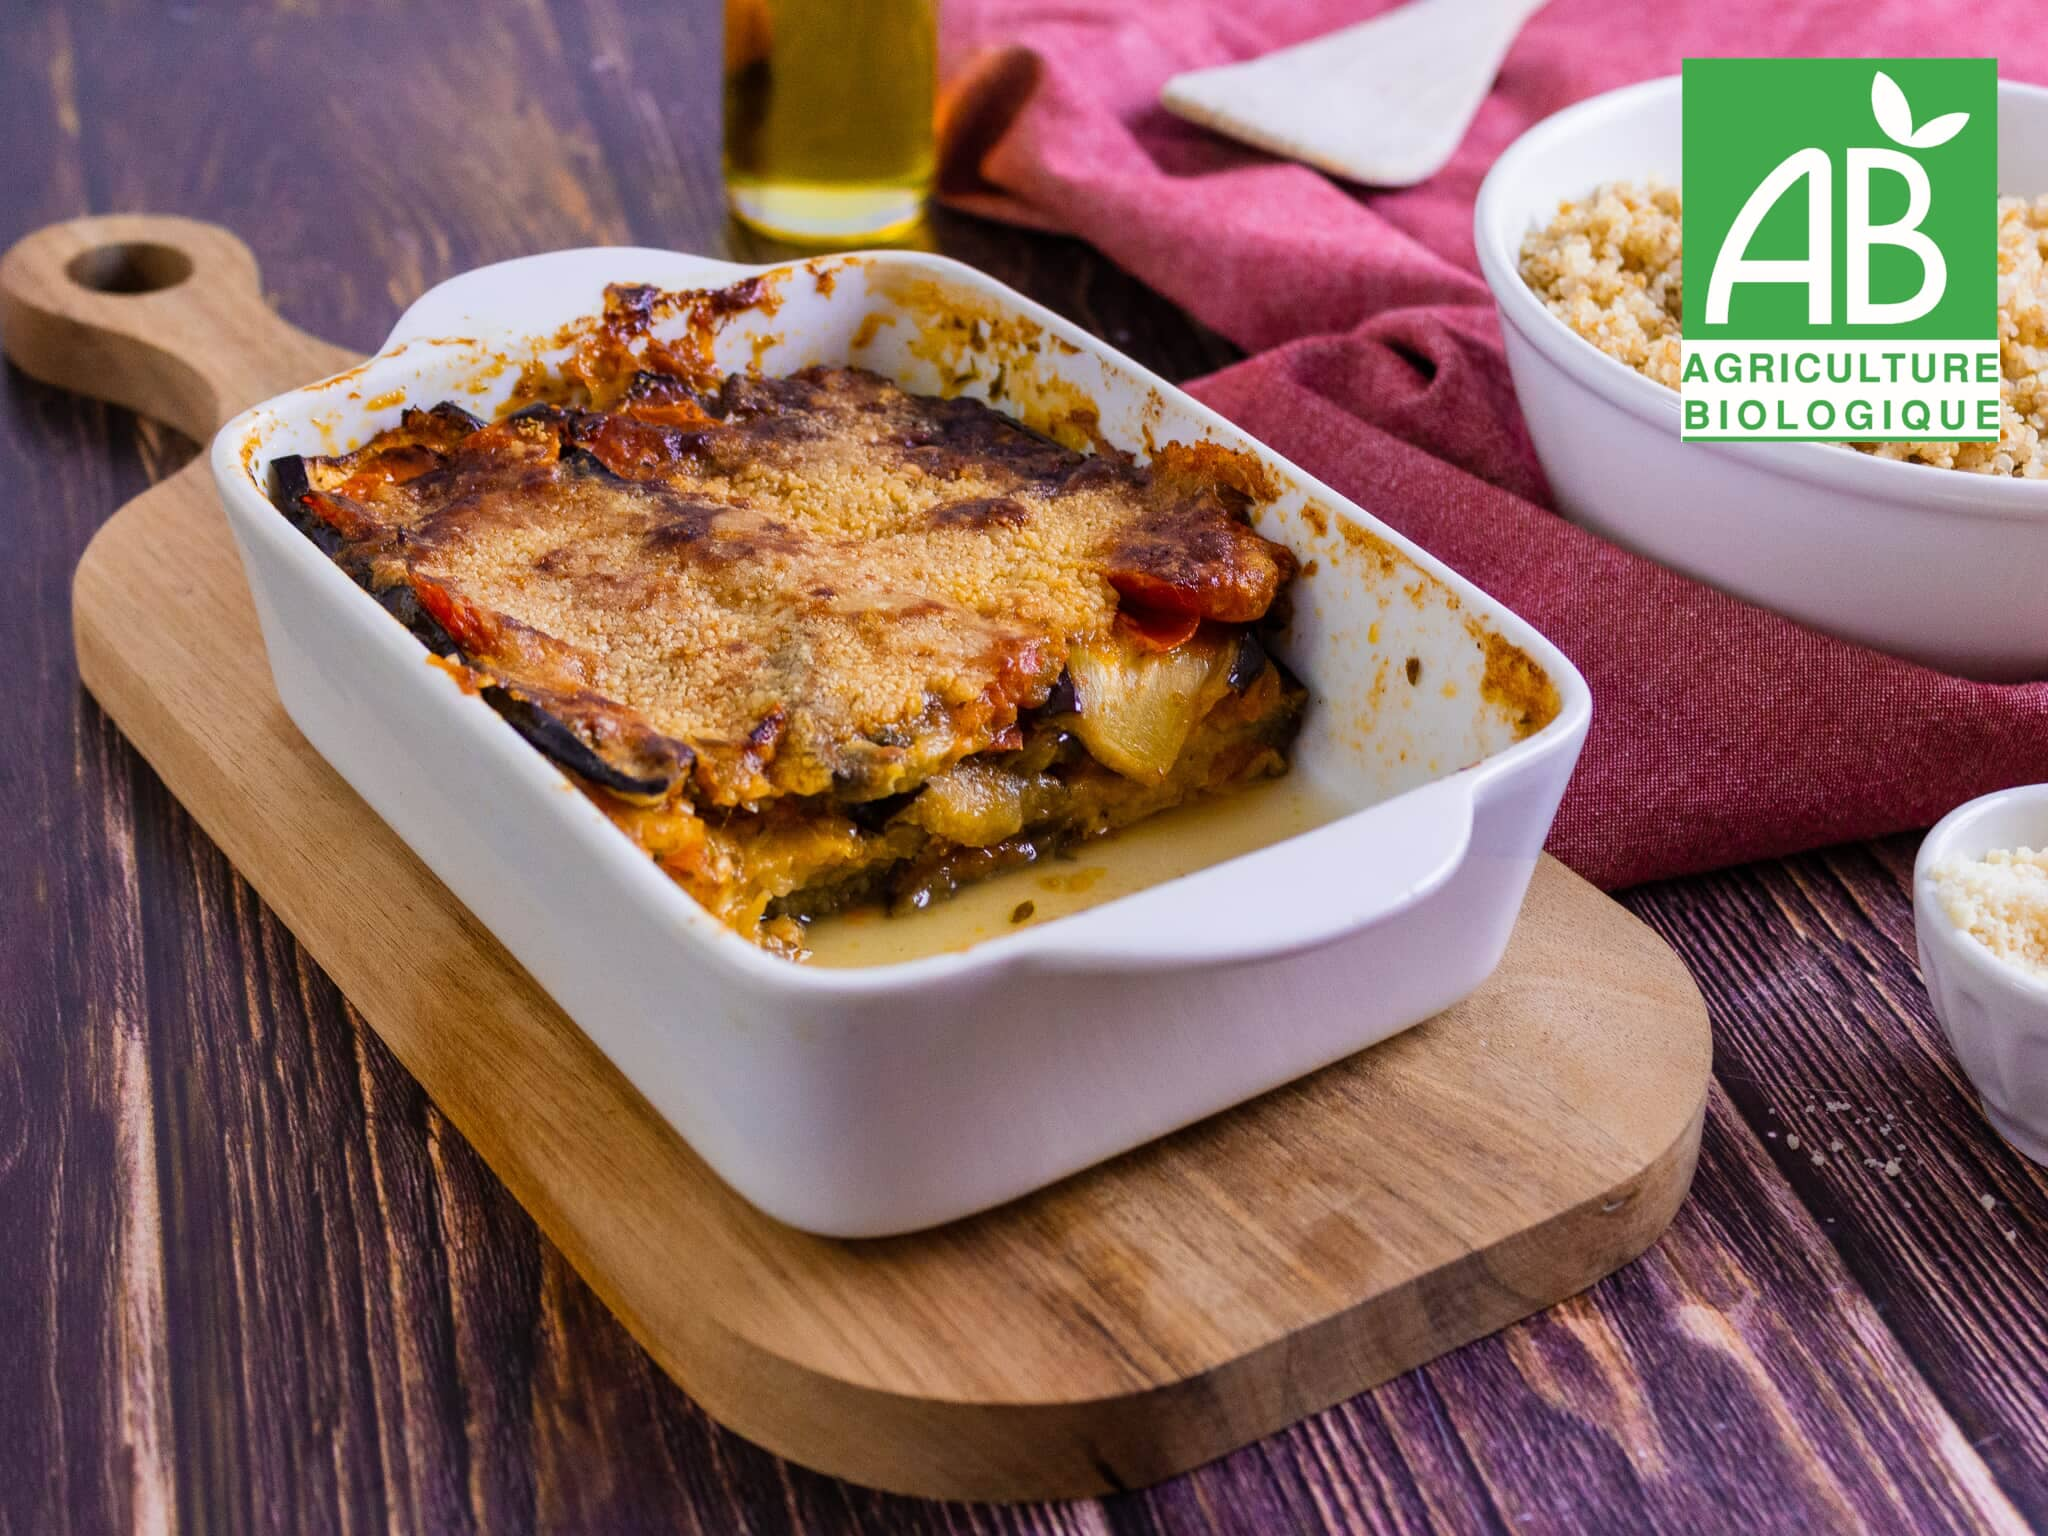 Recette 1 - Gratin d'aubergines à la mozzarella